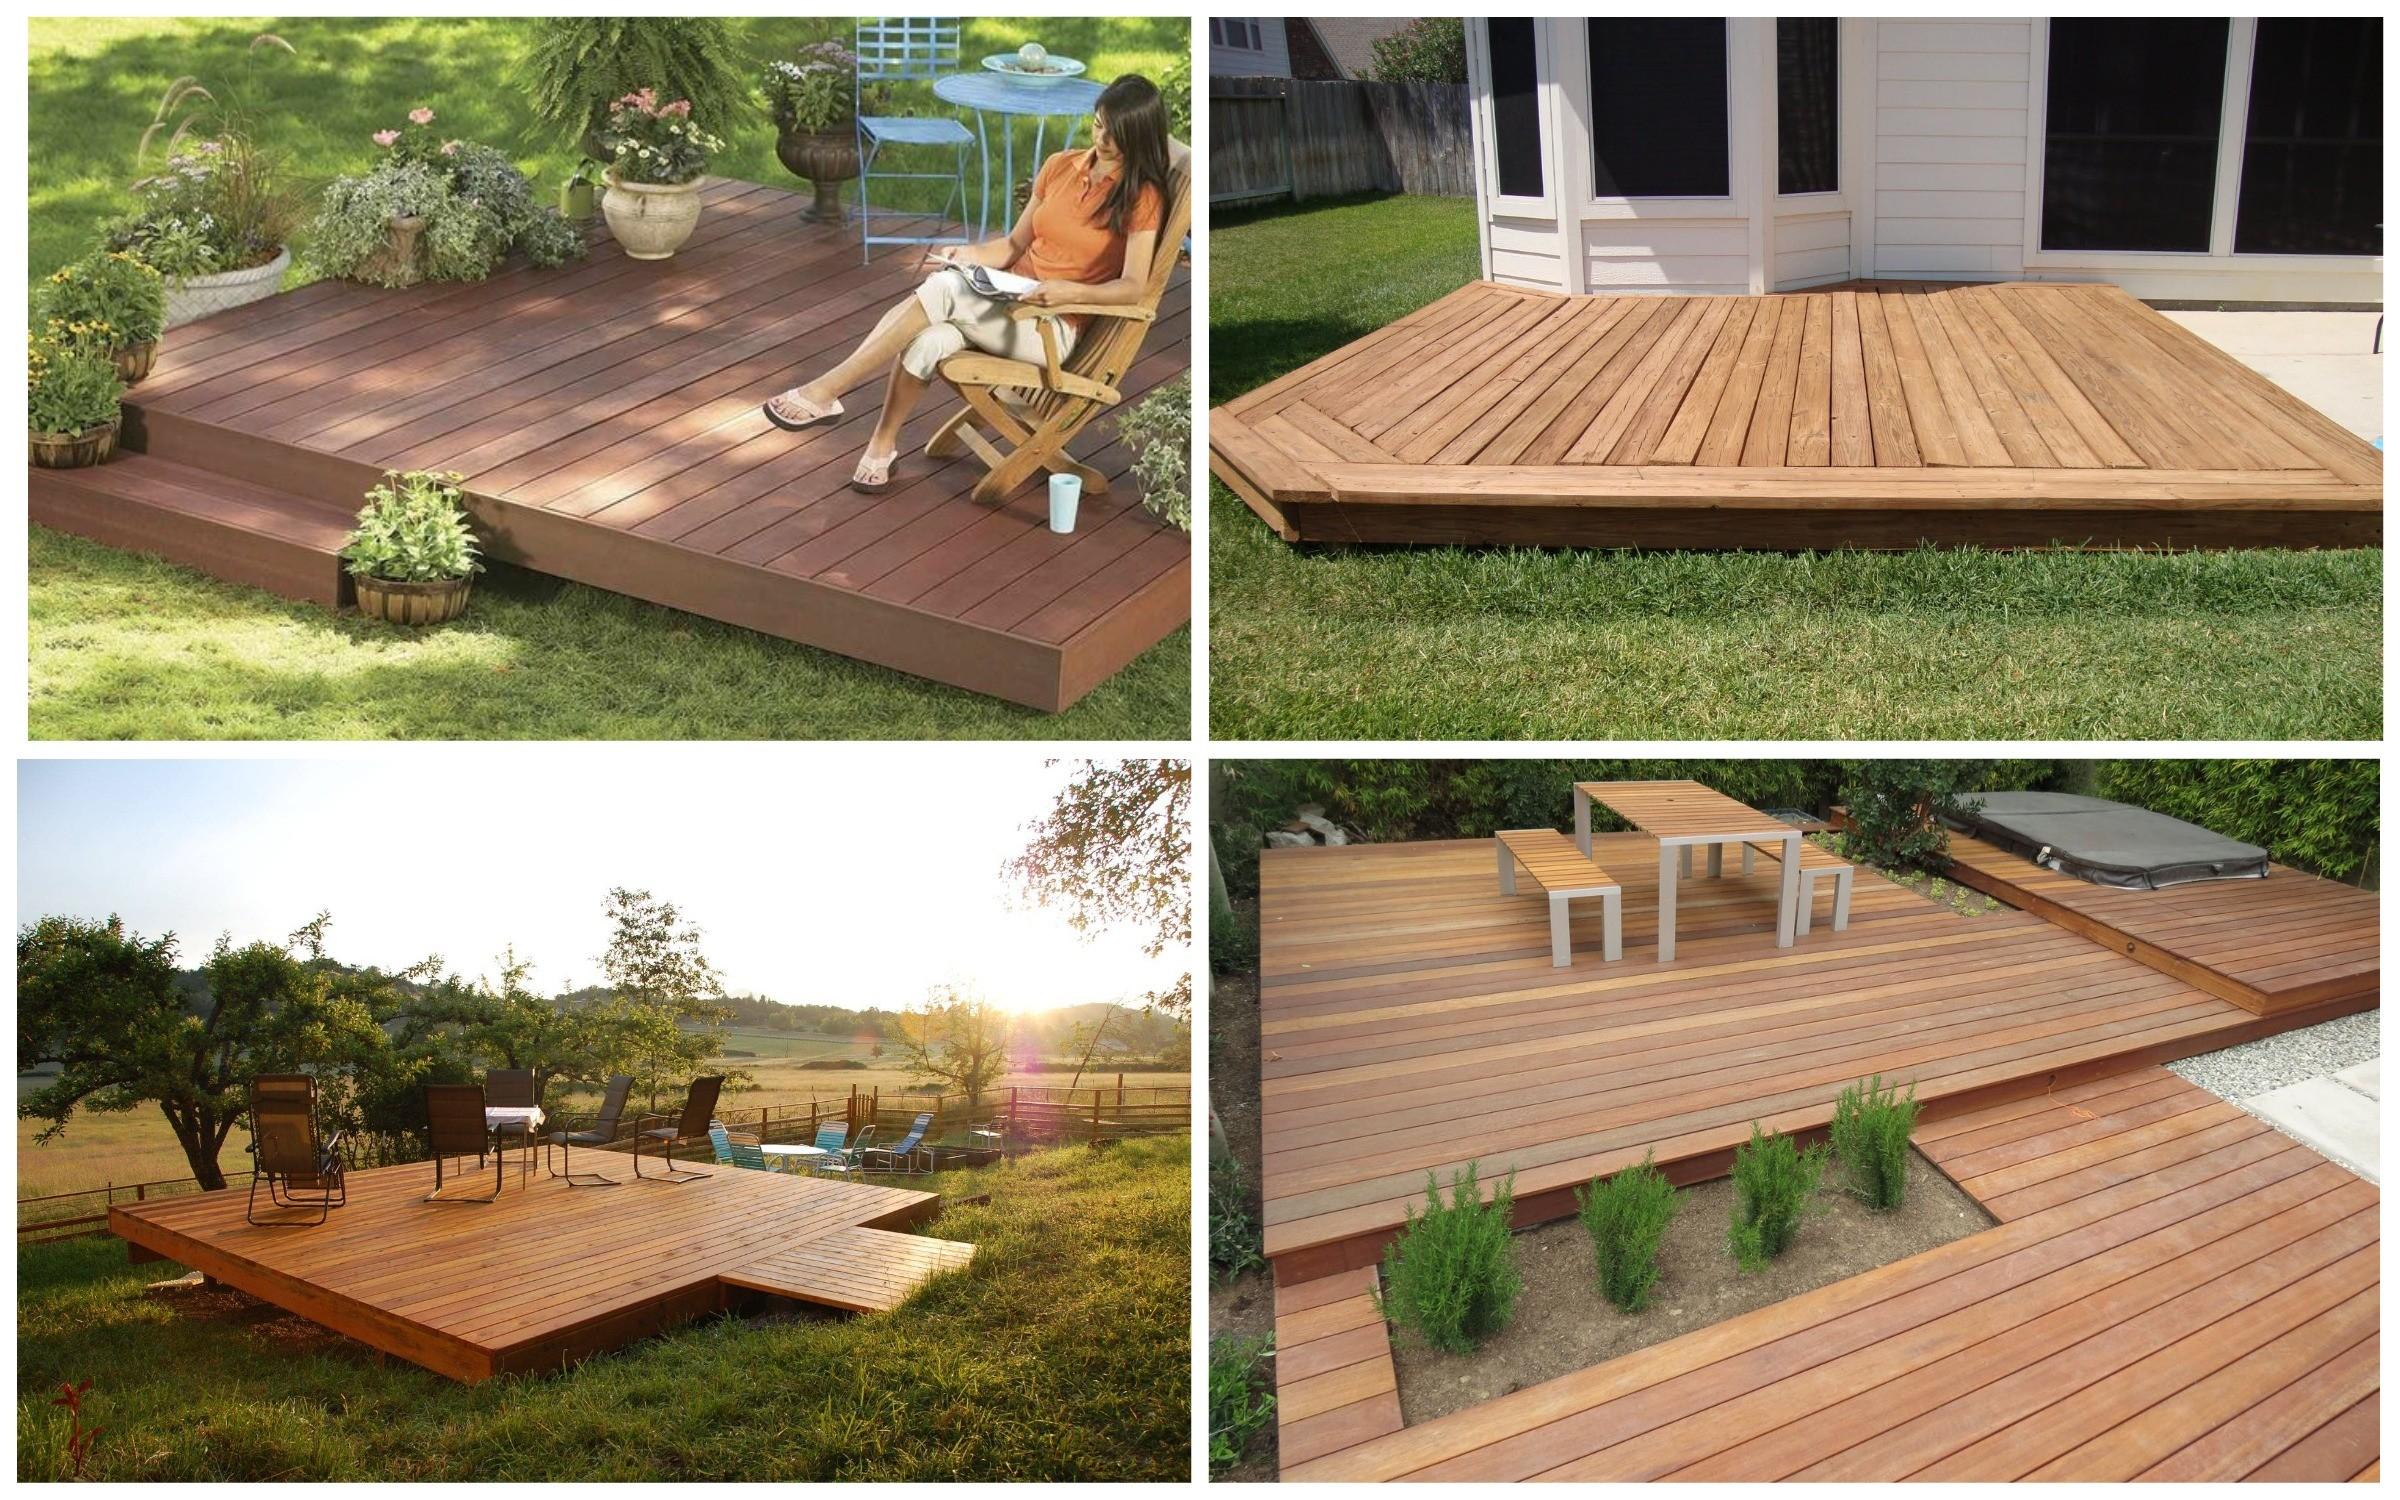 изображение деревянных платформ